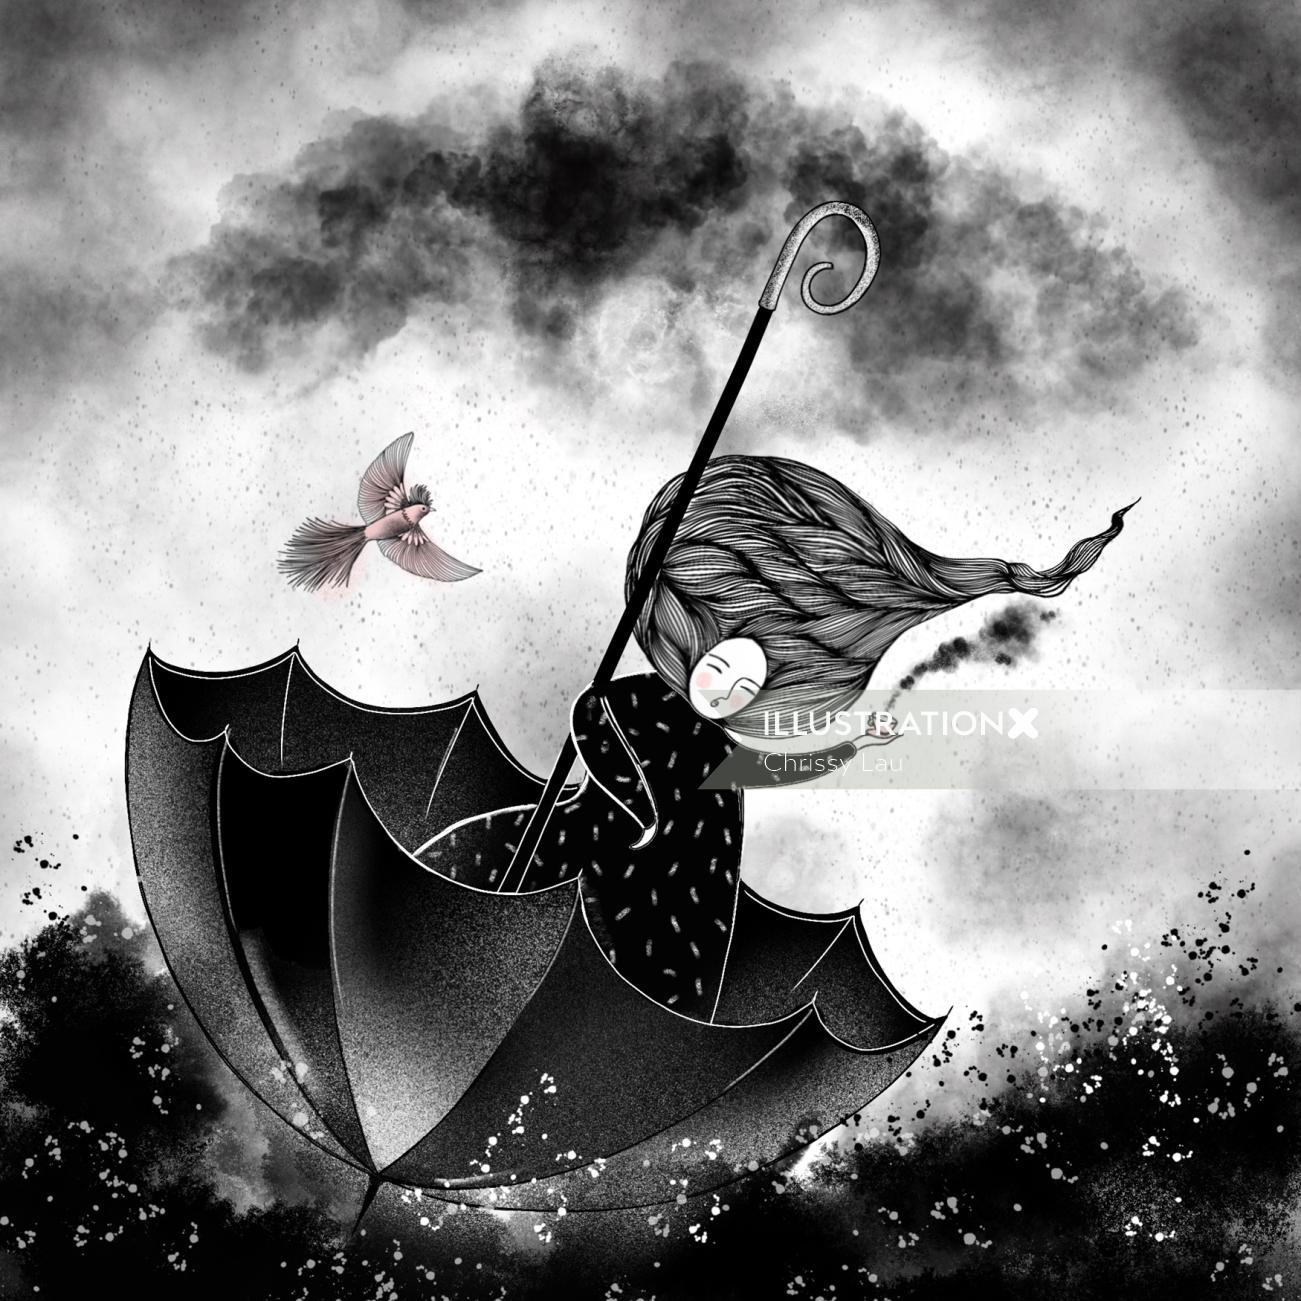 Fantasy art of flying on umbrella